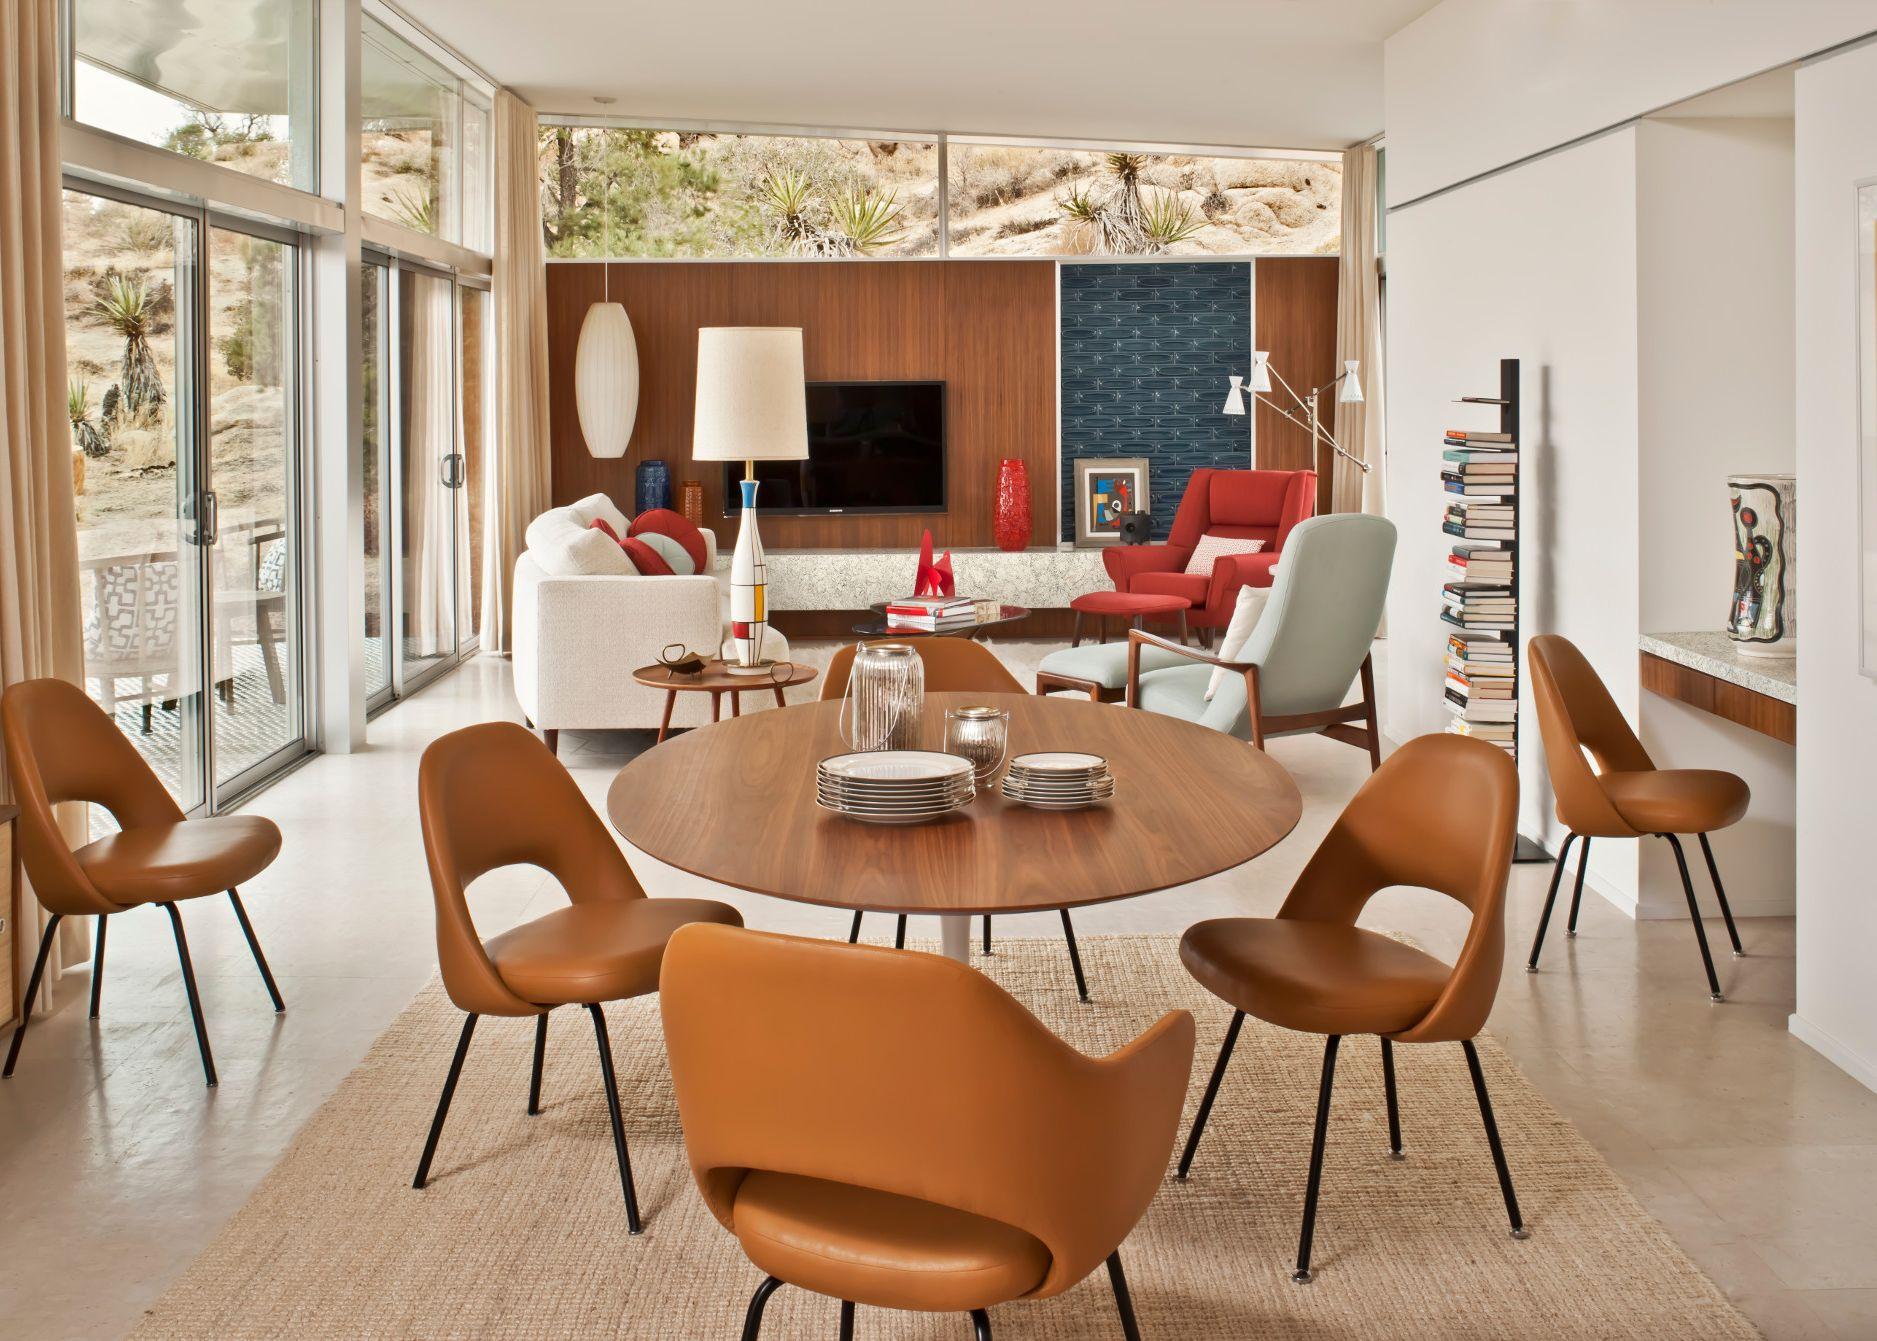 Cambria-quartz-countertop-livingroom